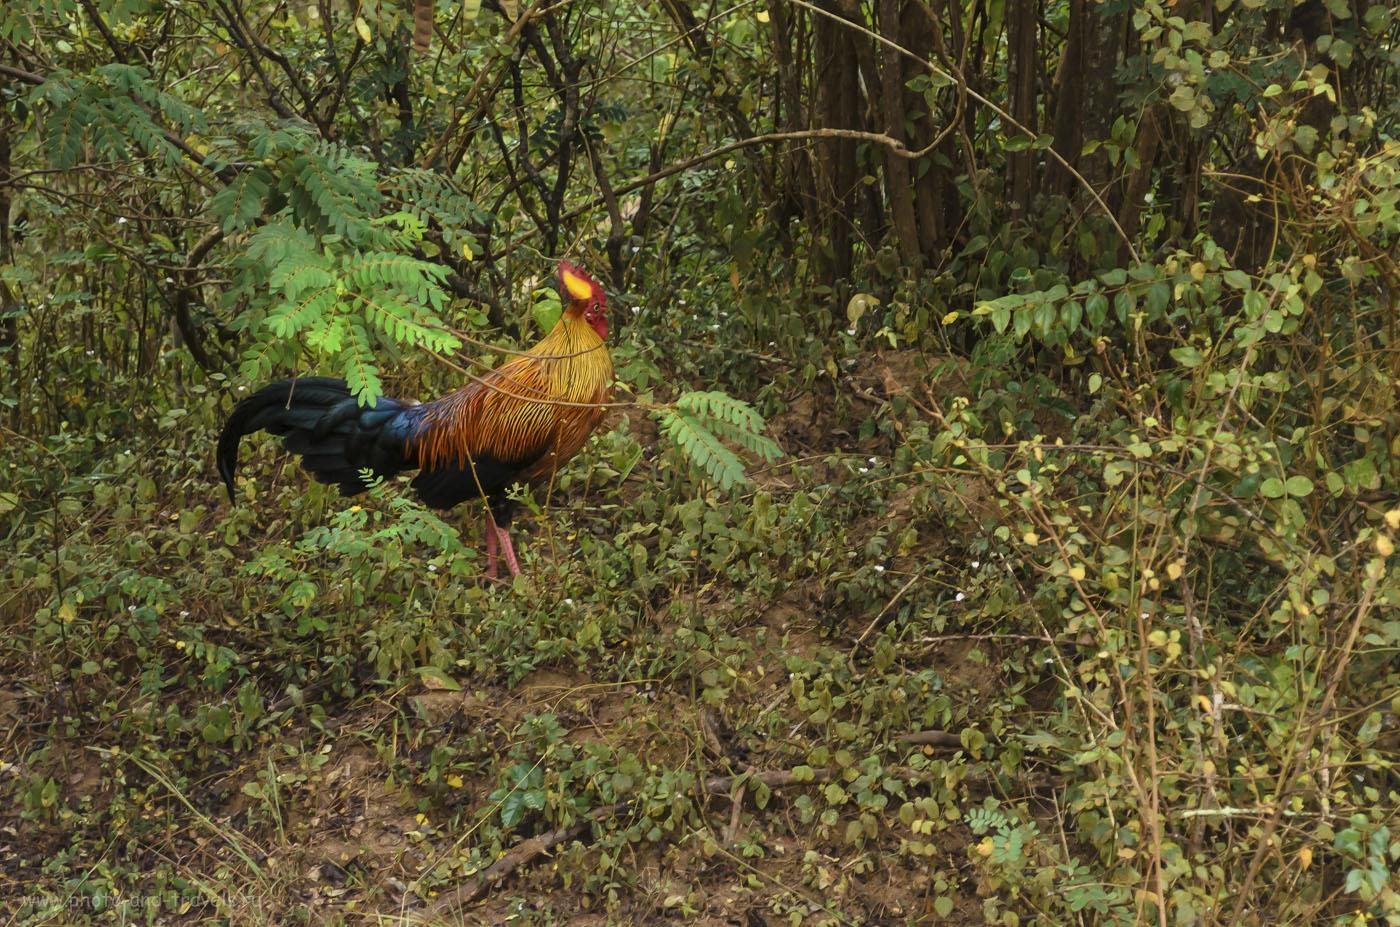 8. Фото. Дикий петух (Junglefowl) - национальный символ Шри-Ланки. По всей вероятности, именно он был предком домашней курицы. (400, 55, 5.6, 1/25)